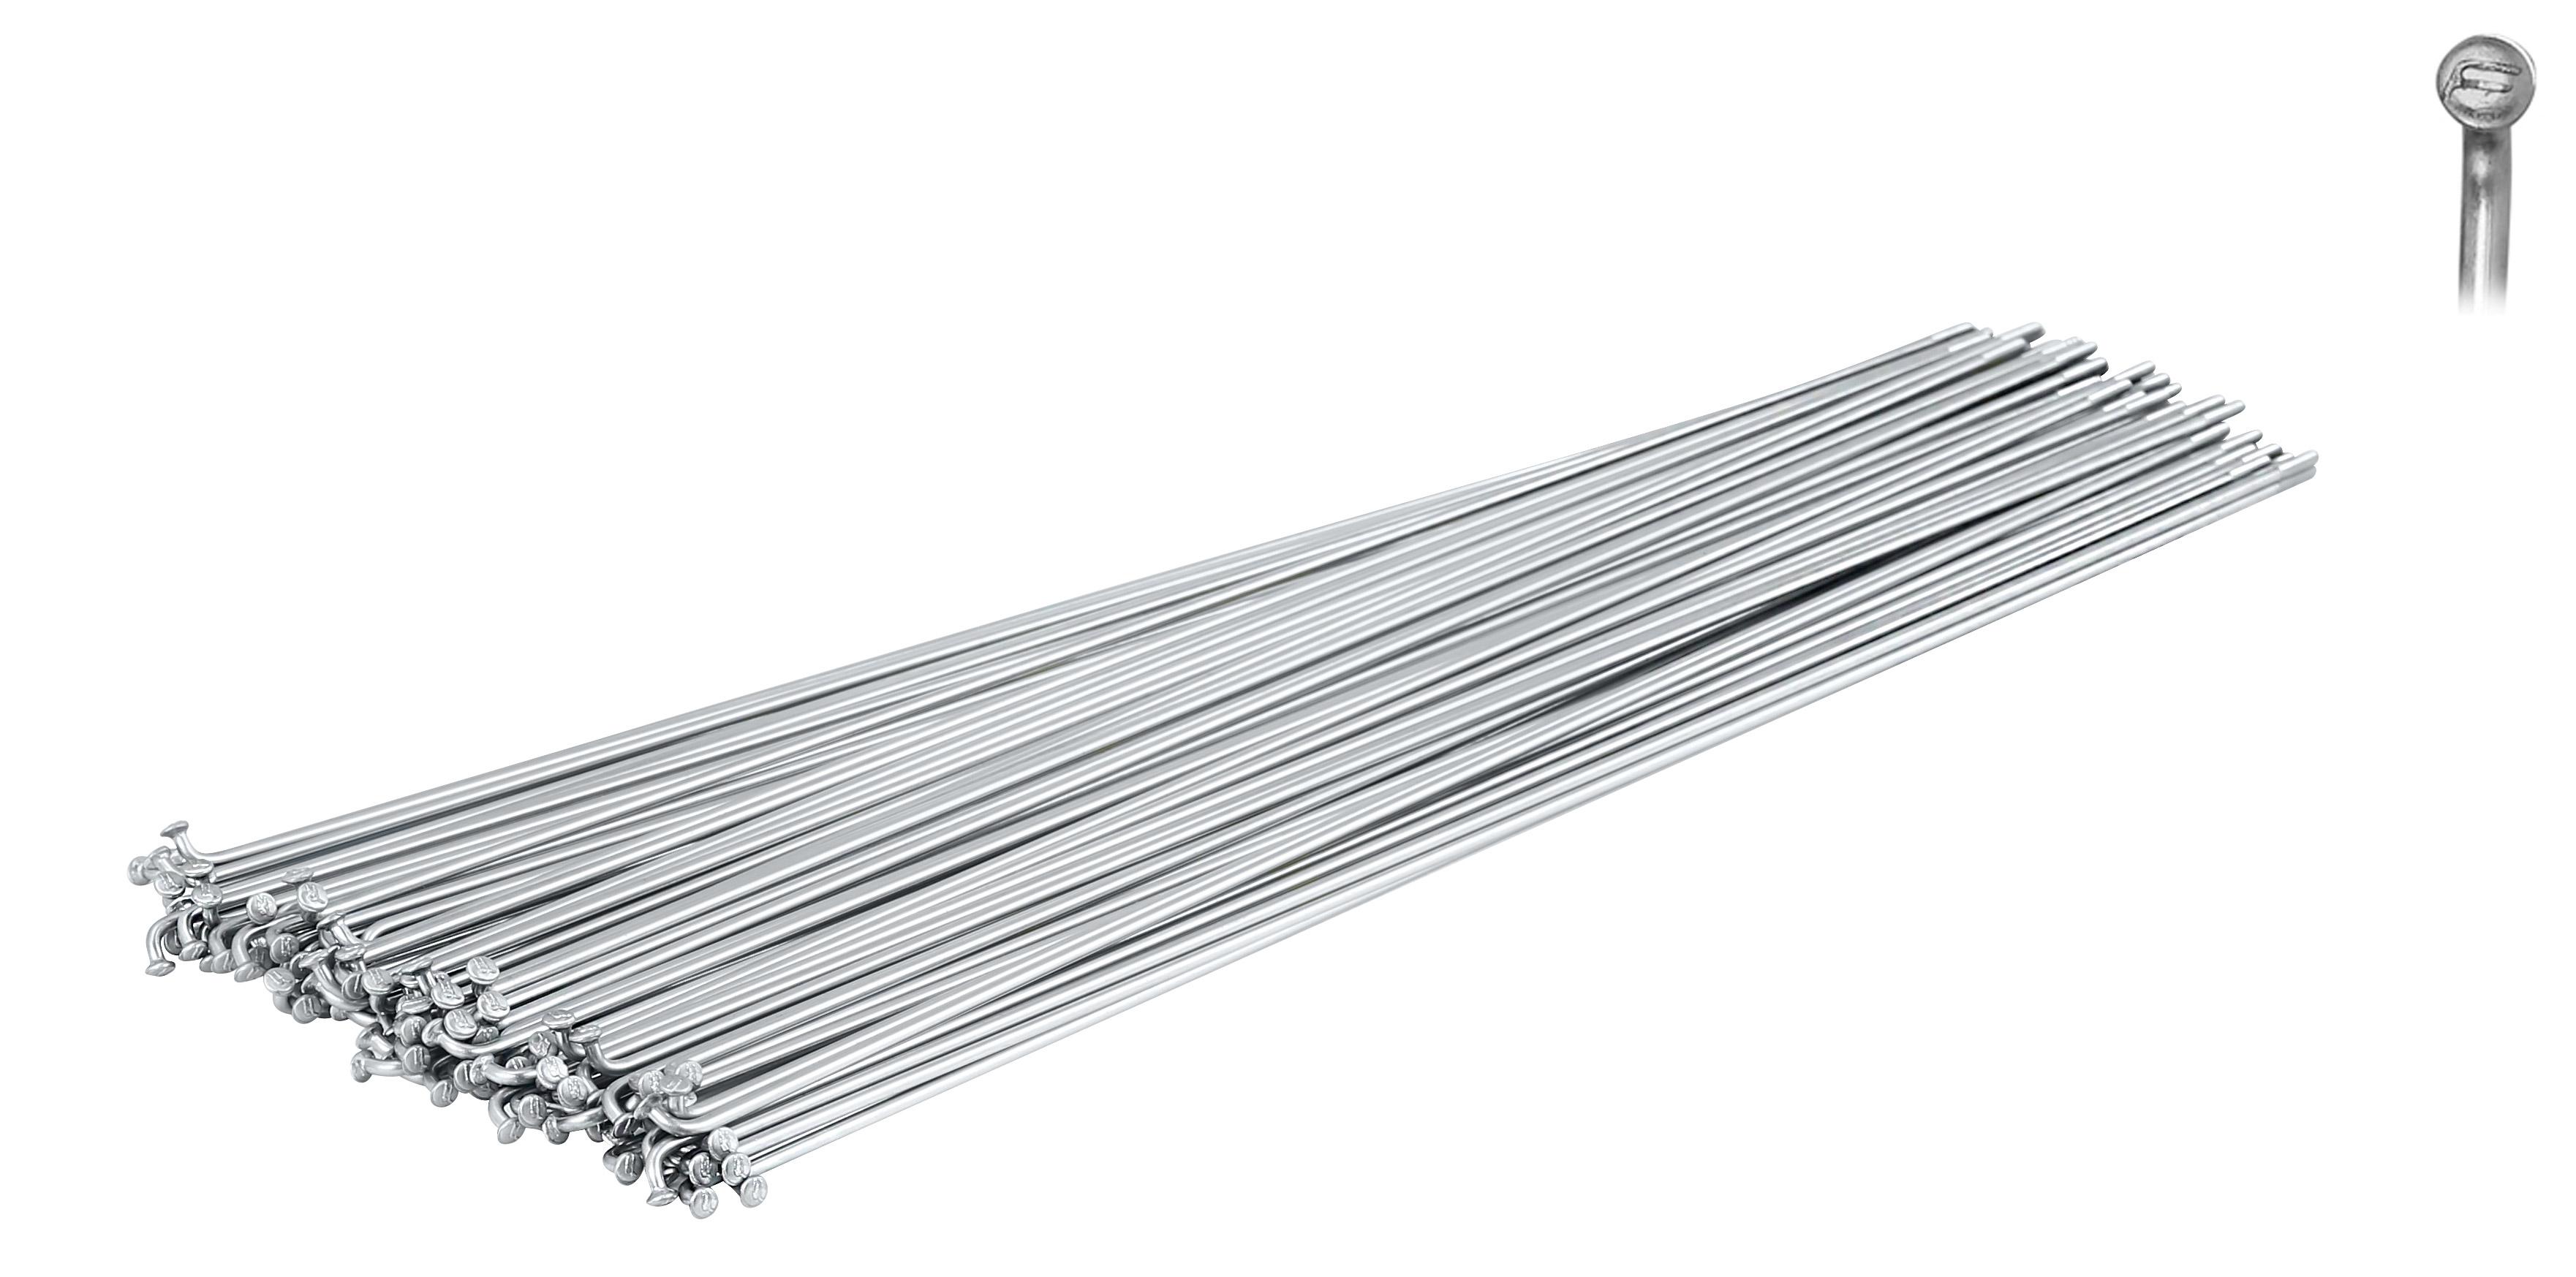 dráty FORCE nerez stříbrné 2 mm x 254 mm